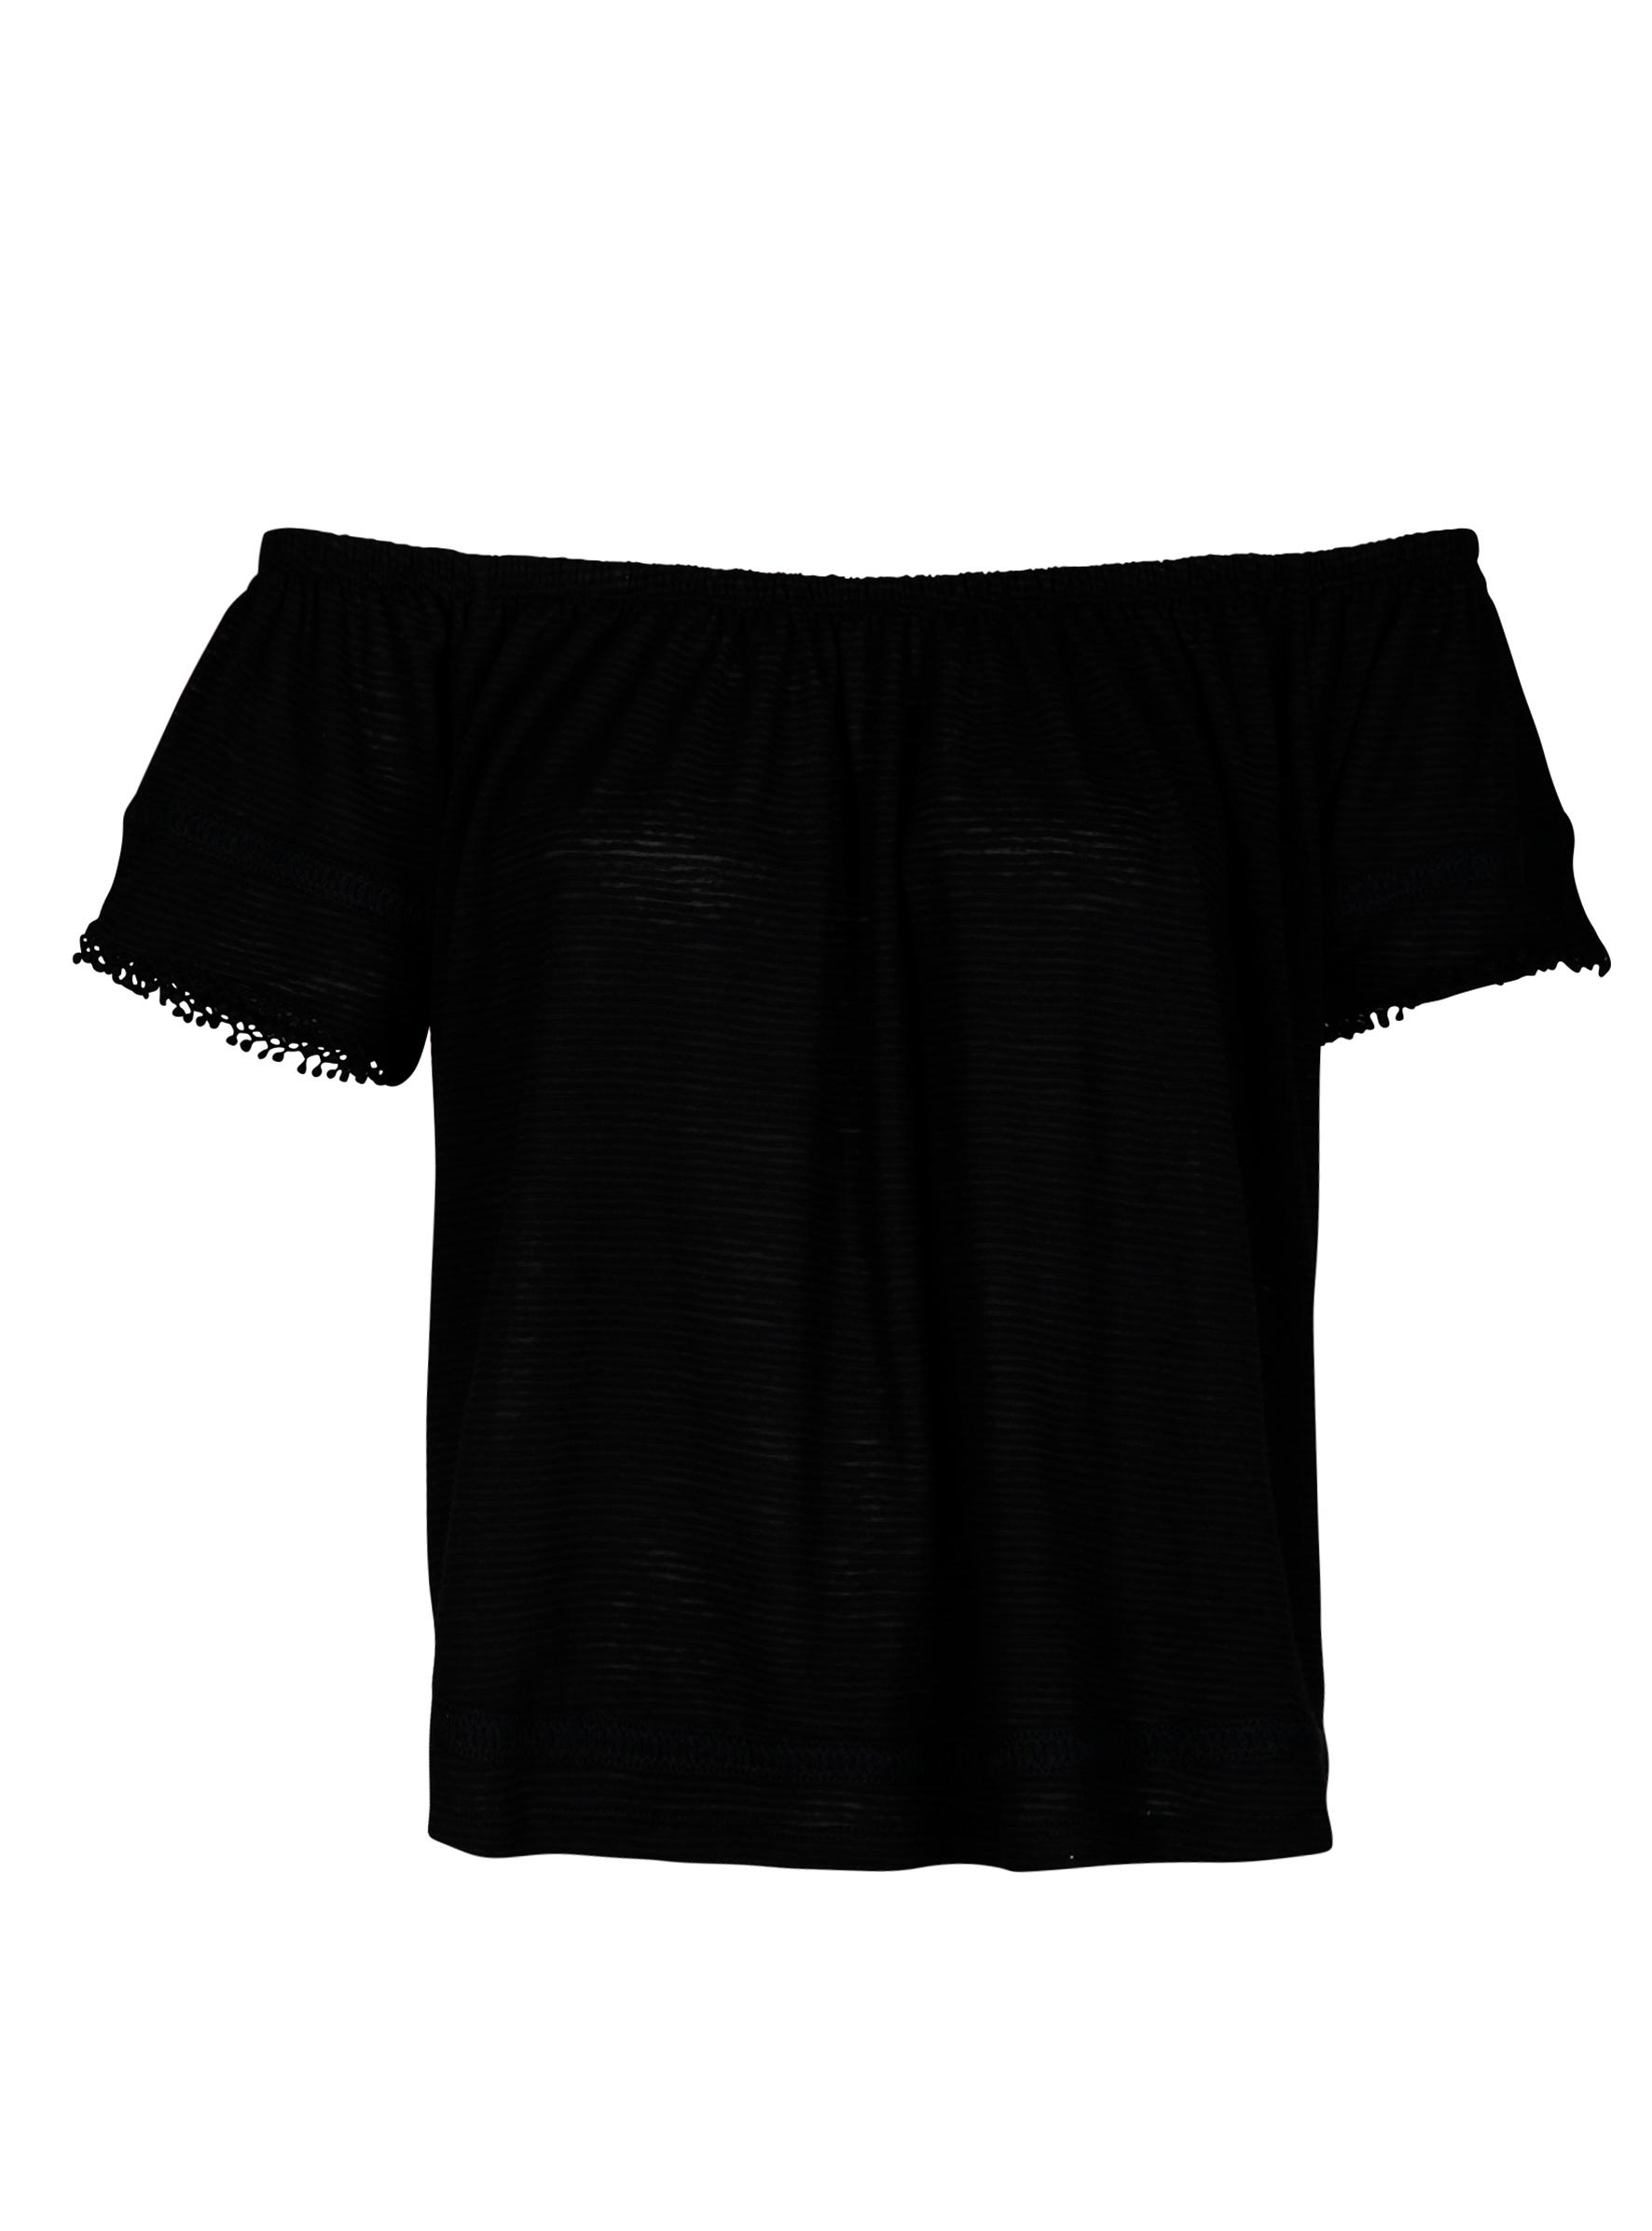 Trendiges Off Shoulder Shirt mit Detail an den Armen in der neuen Sommerkollektion bei Mavi Jeans